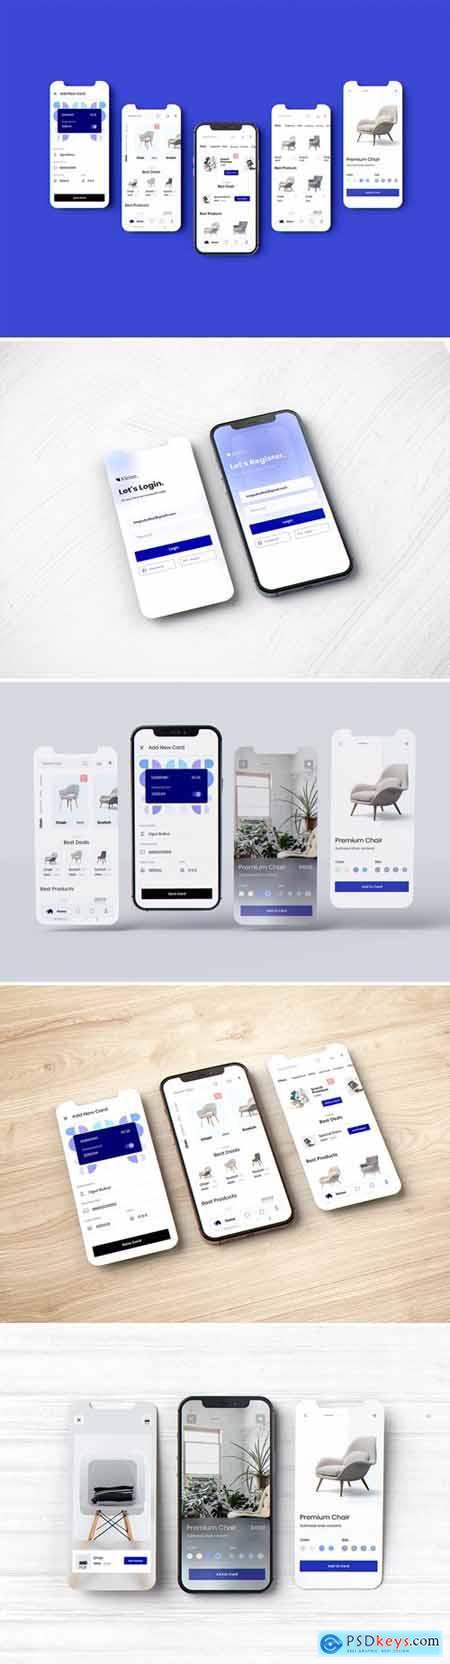 Phone - Mobile - App - UI - Screen Mockup